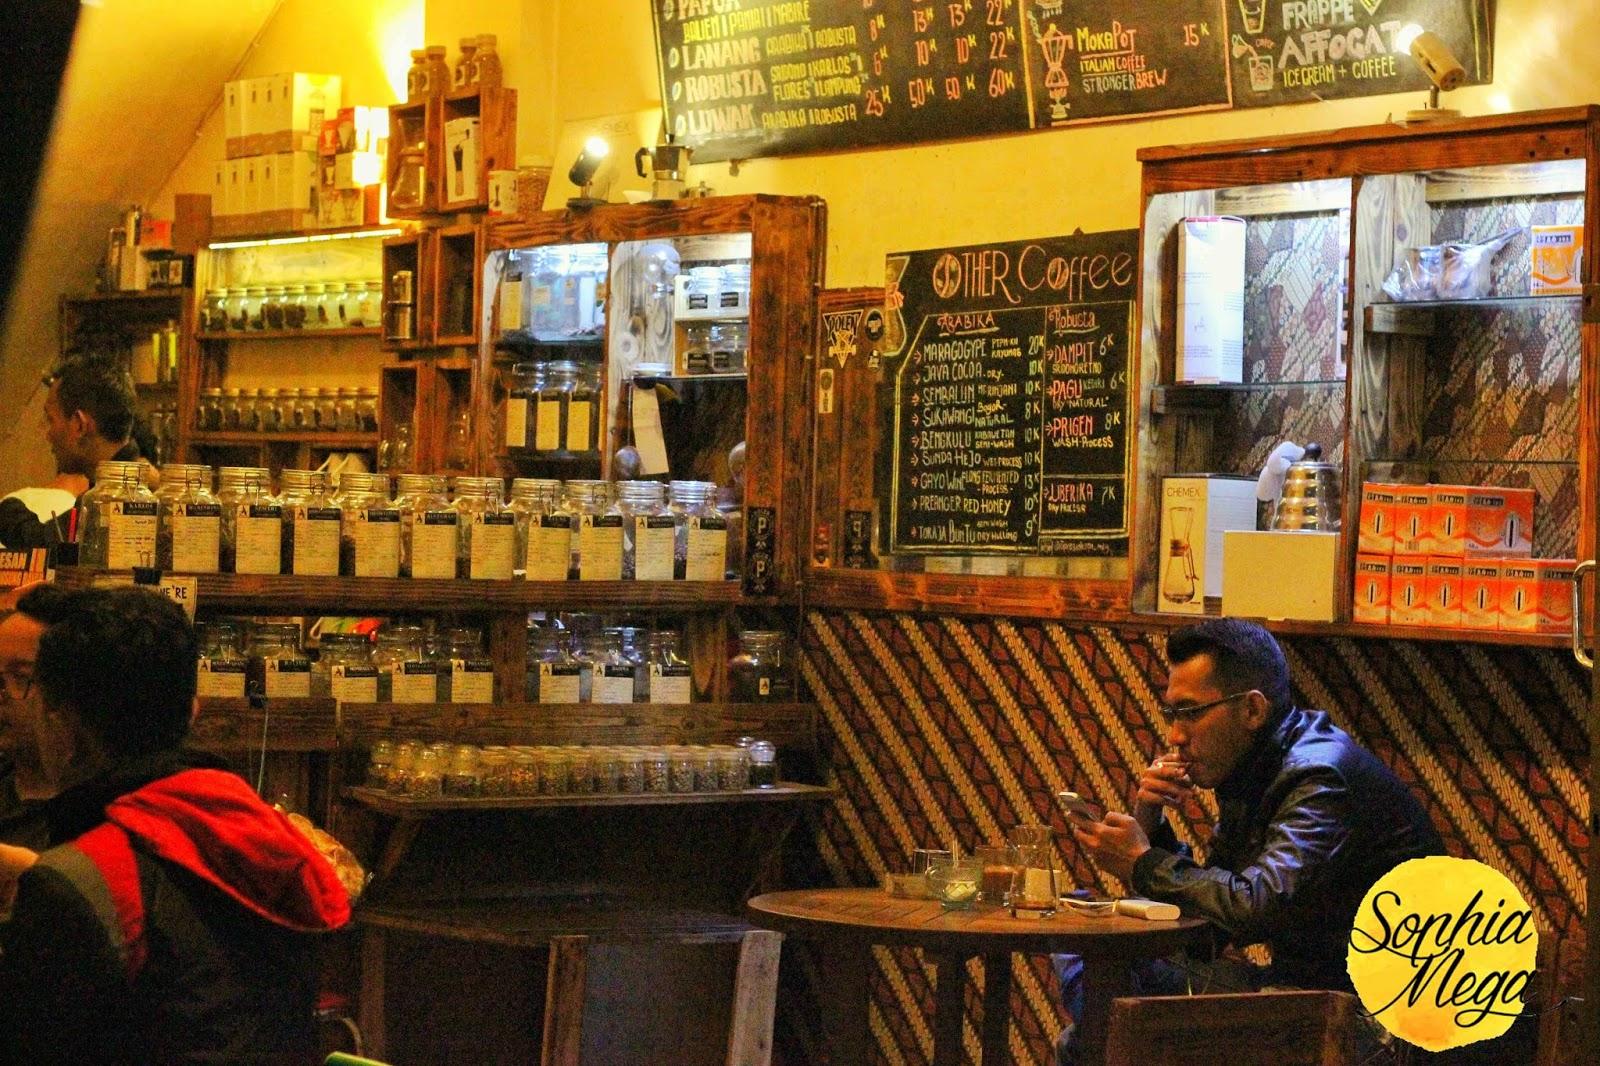 Cafe DW Coffee Kota Malang DW Coffee - Dolan Dolen